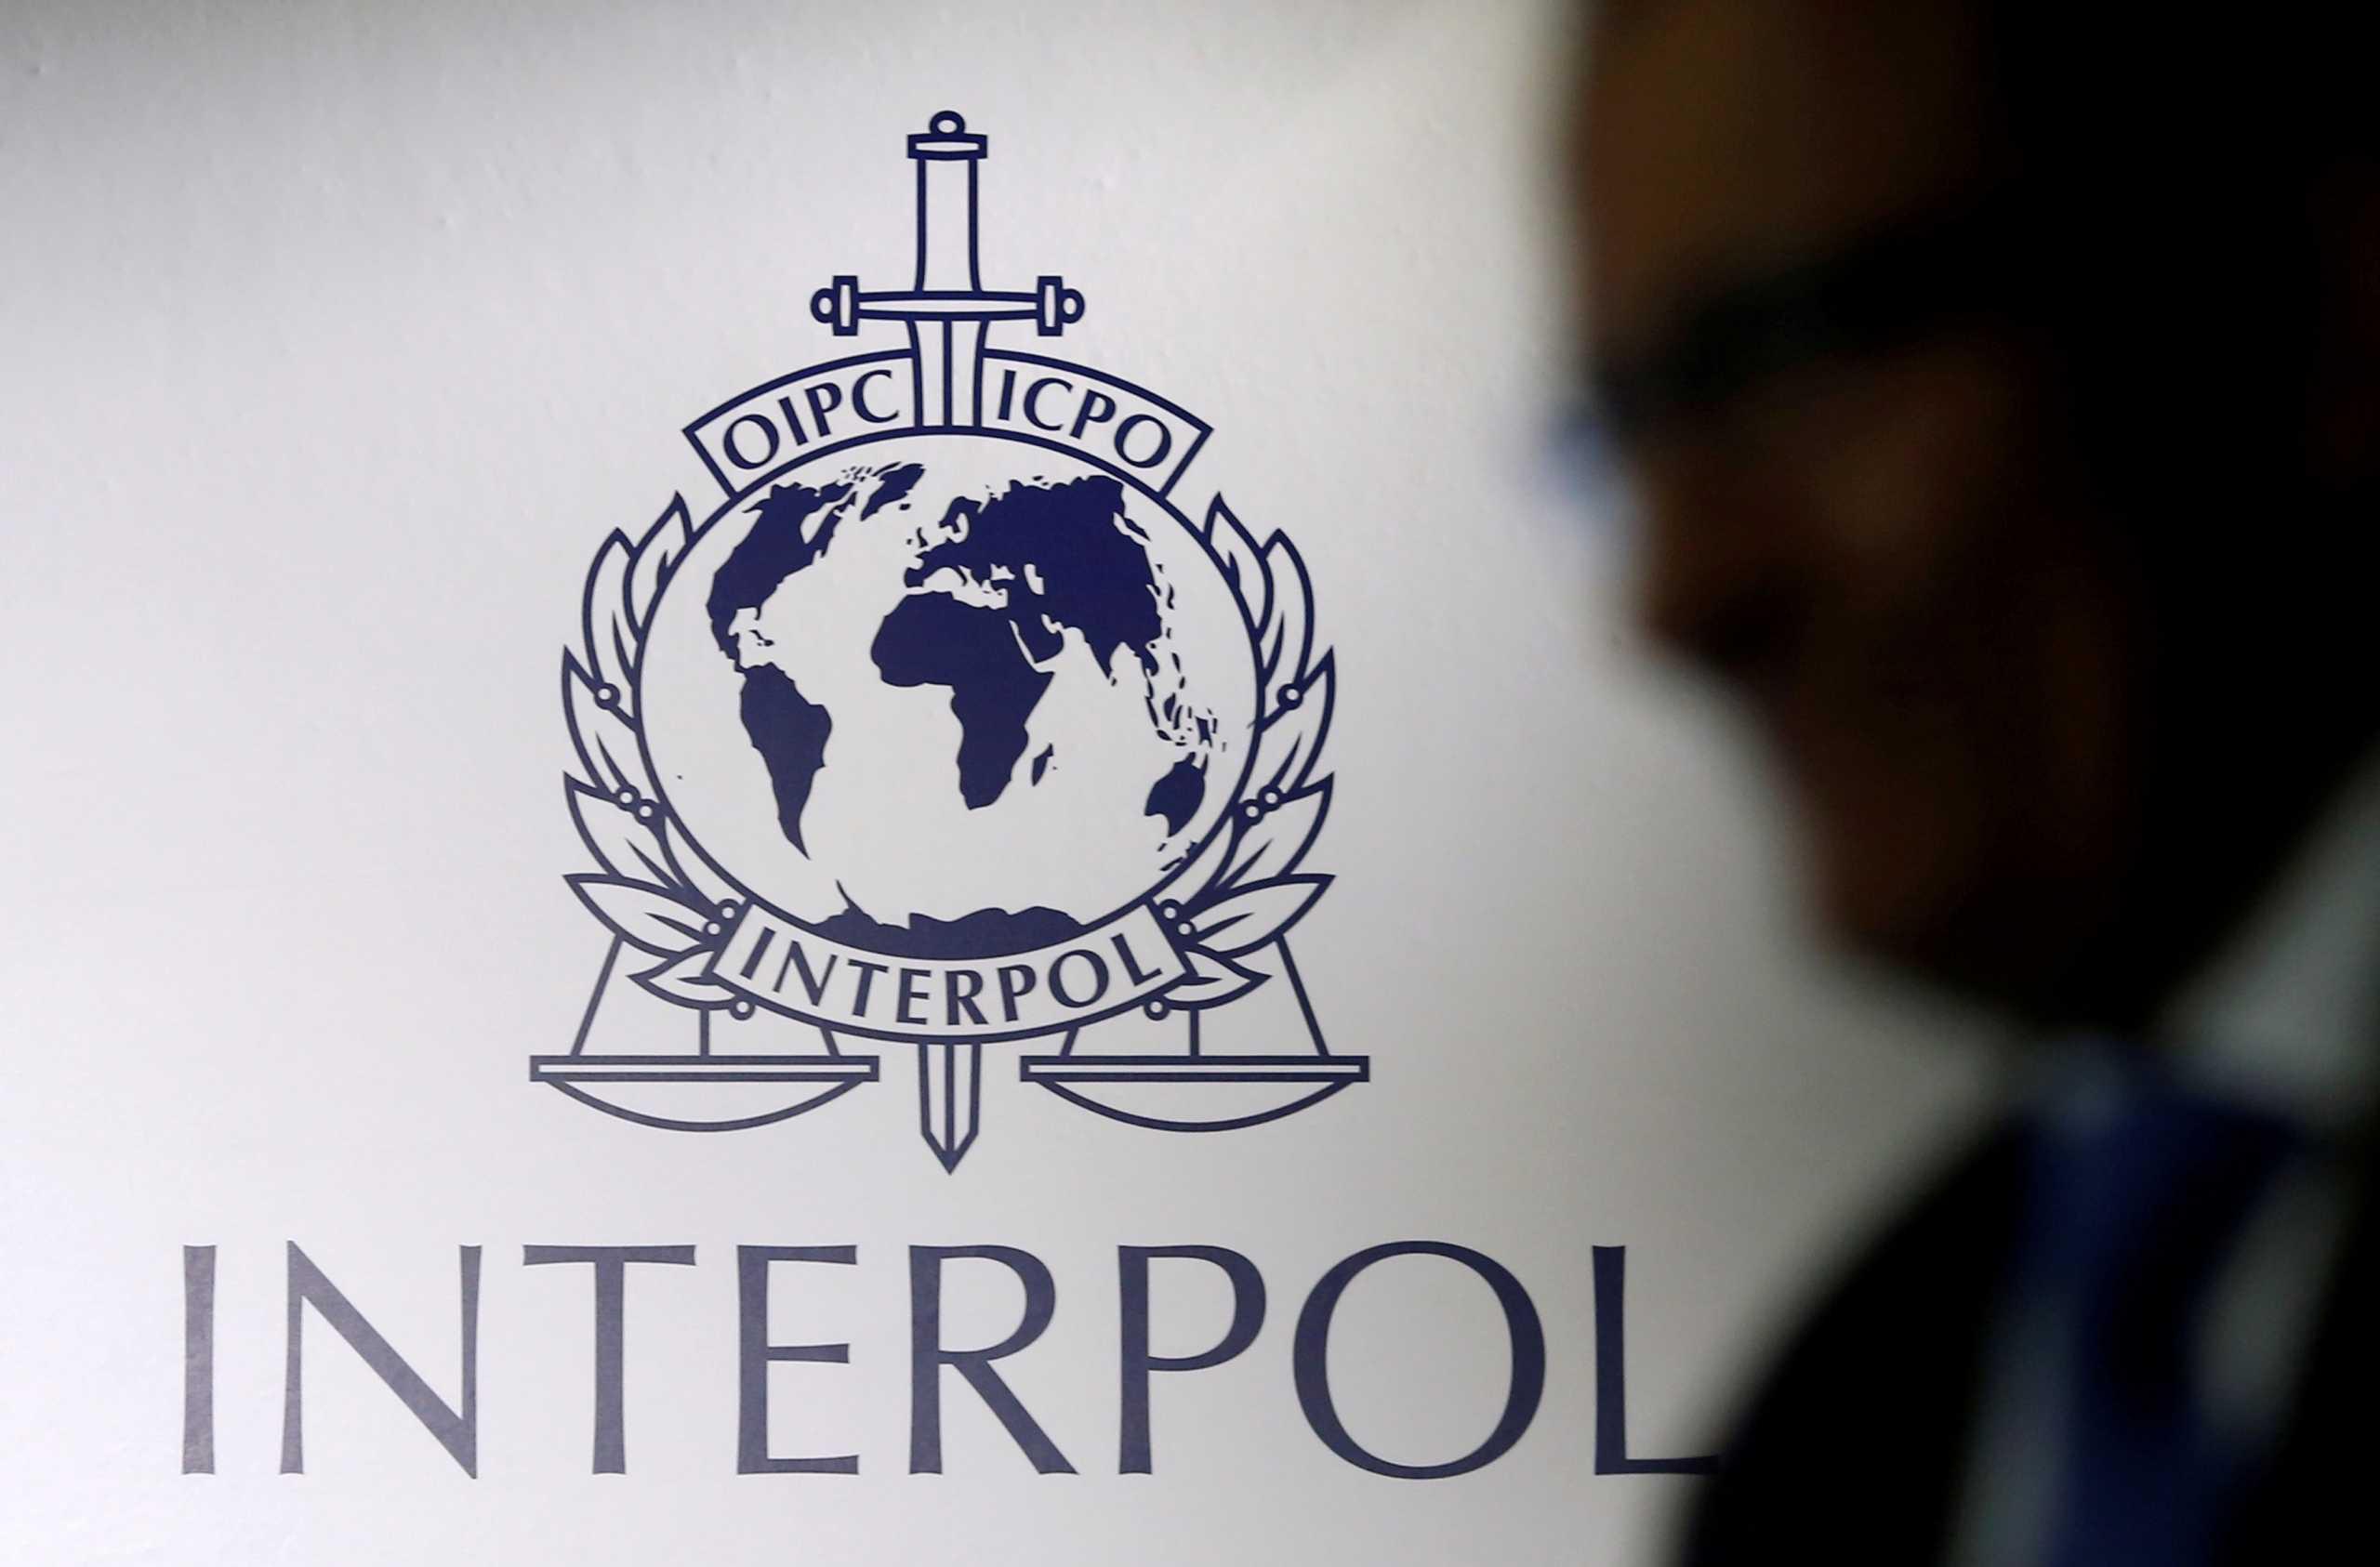 Κύπρος: Συνελήφθη Ρώσος καταζητούμενος από την Interpol